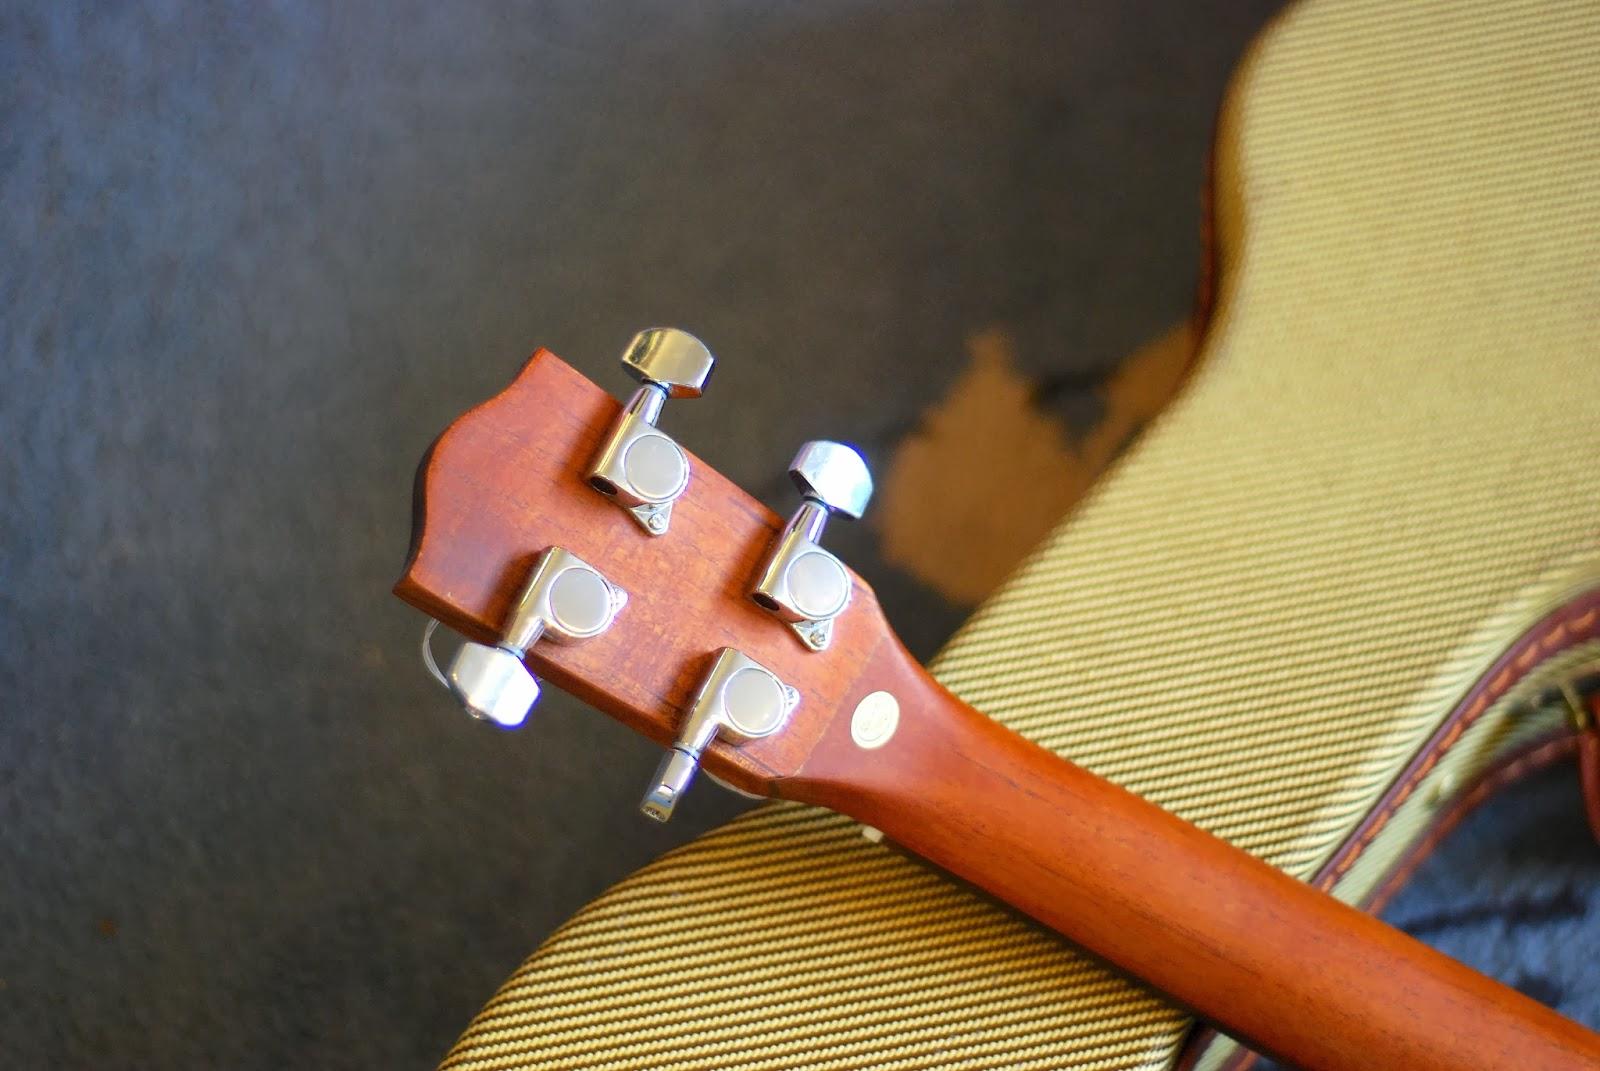 Ohana TKS-15E ukulele tuners